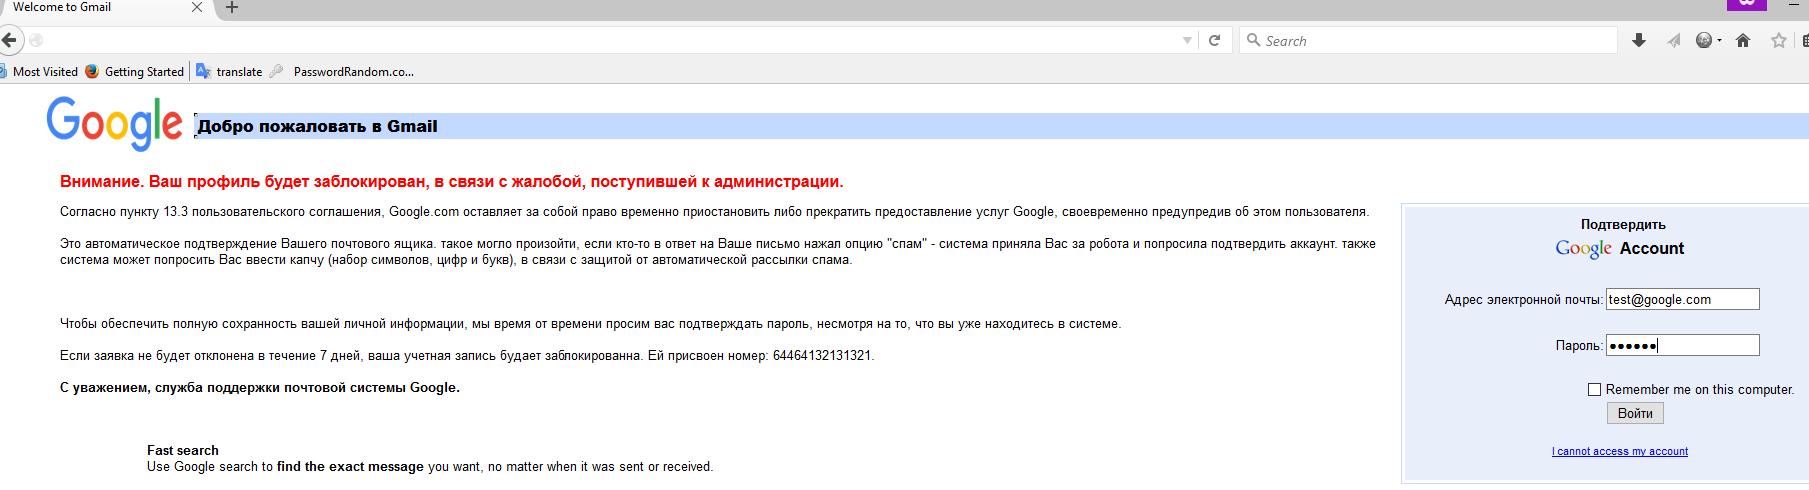 Украинские прокси для парсинга интернет магазинов